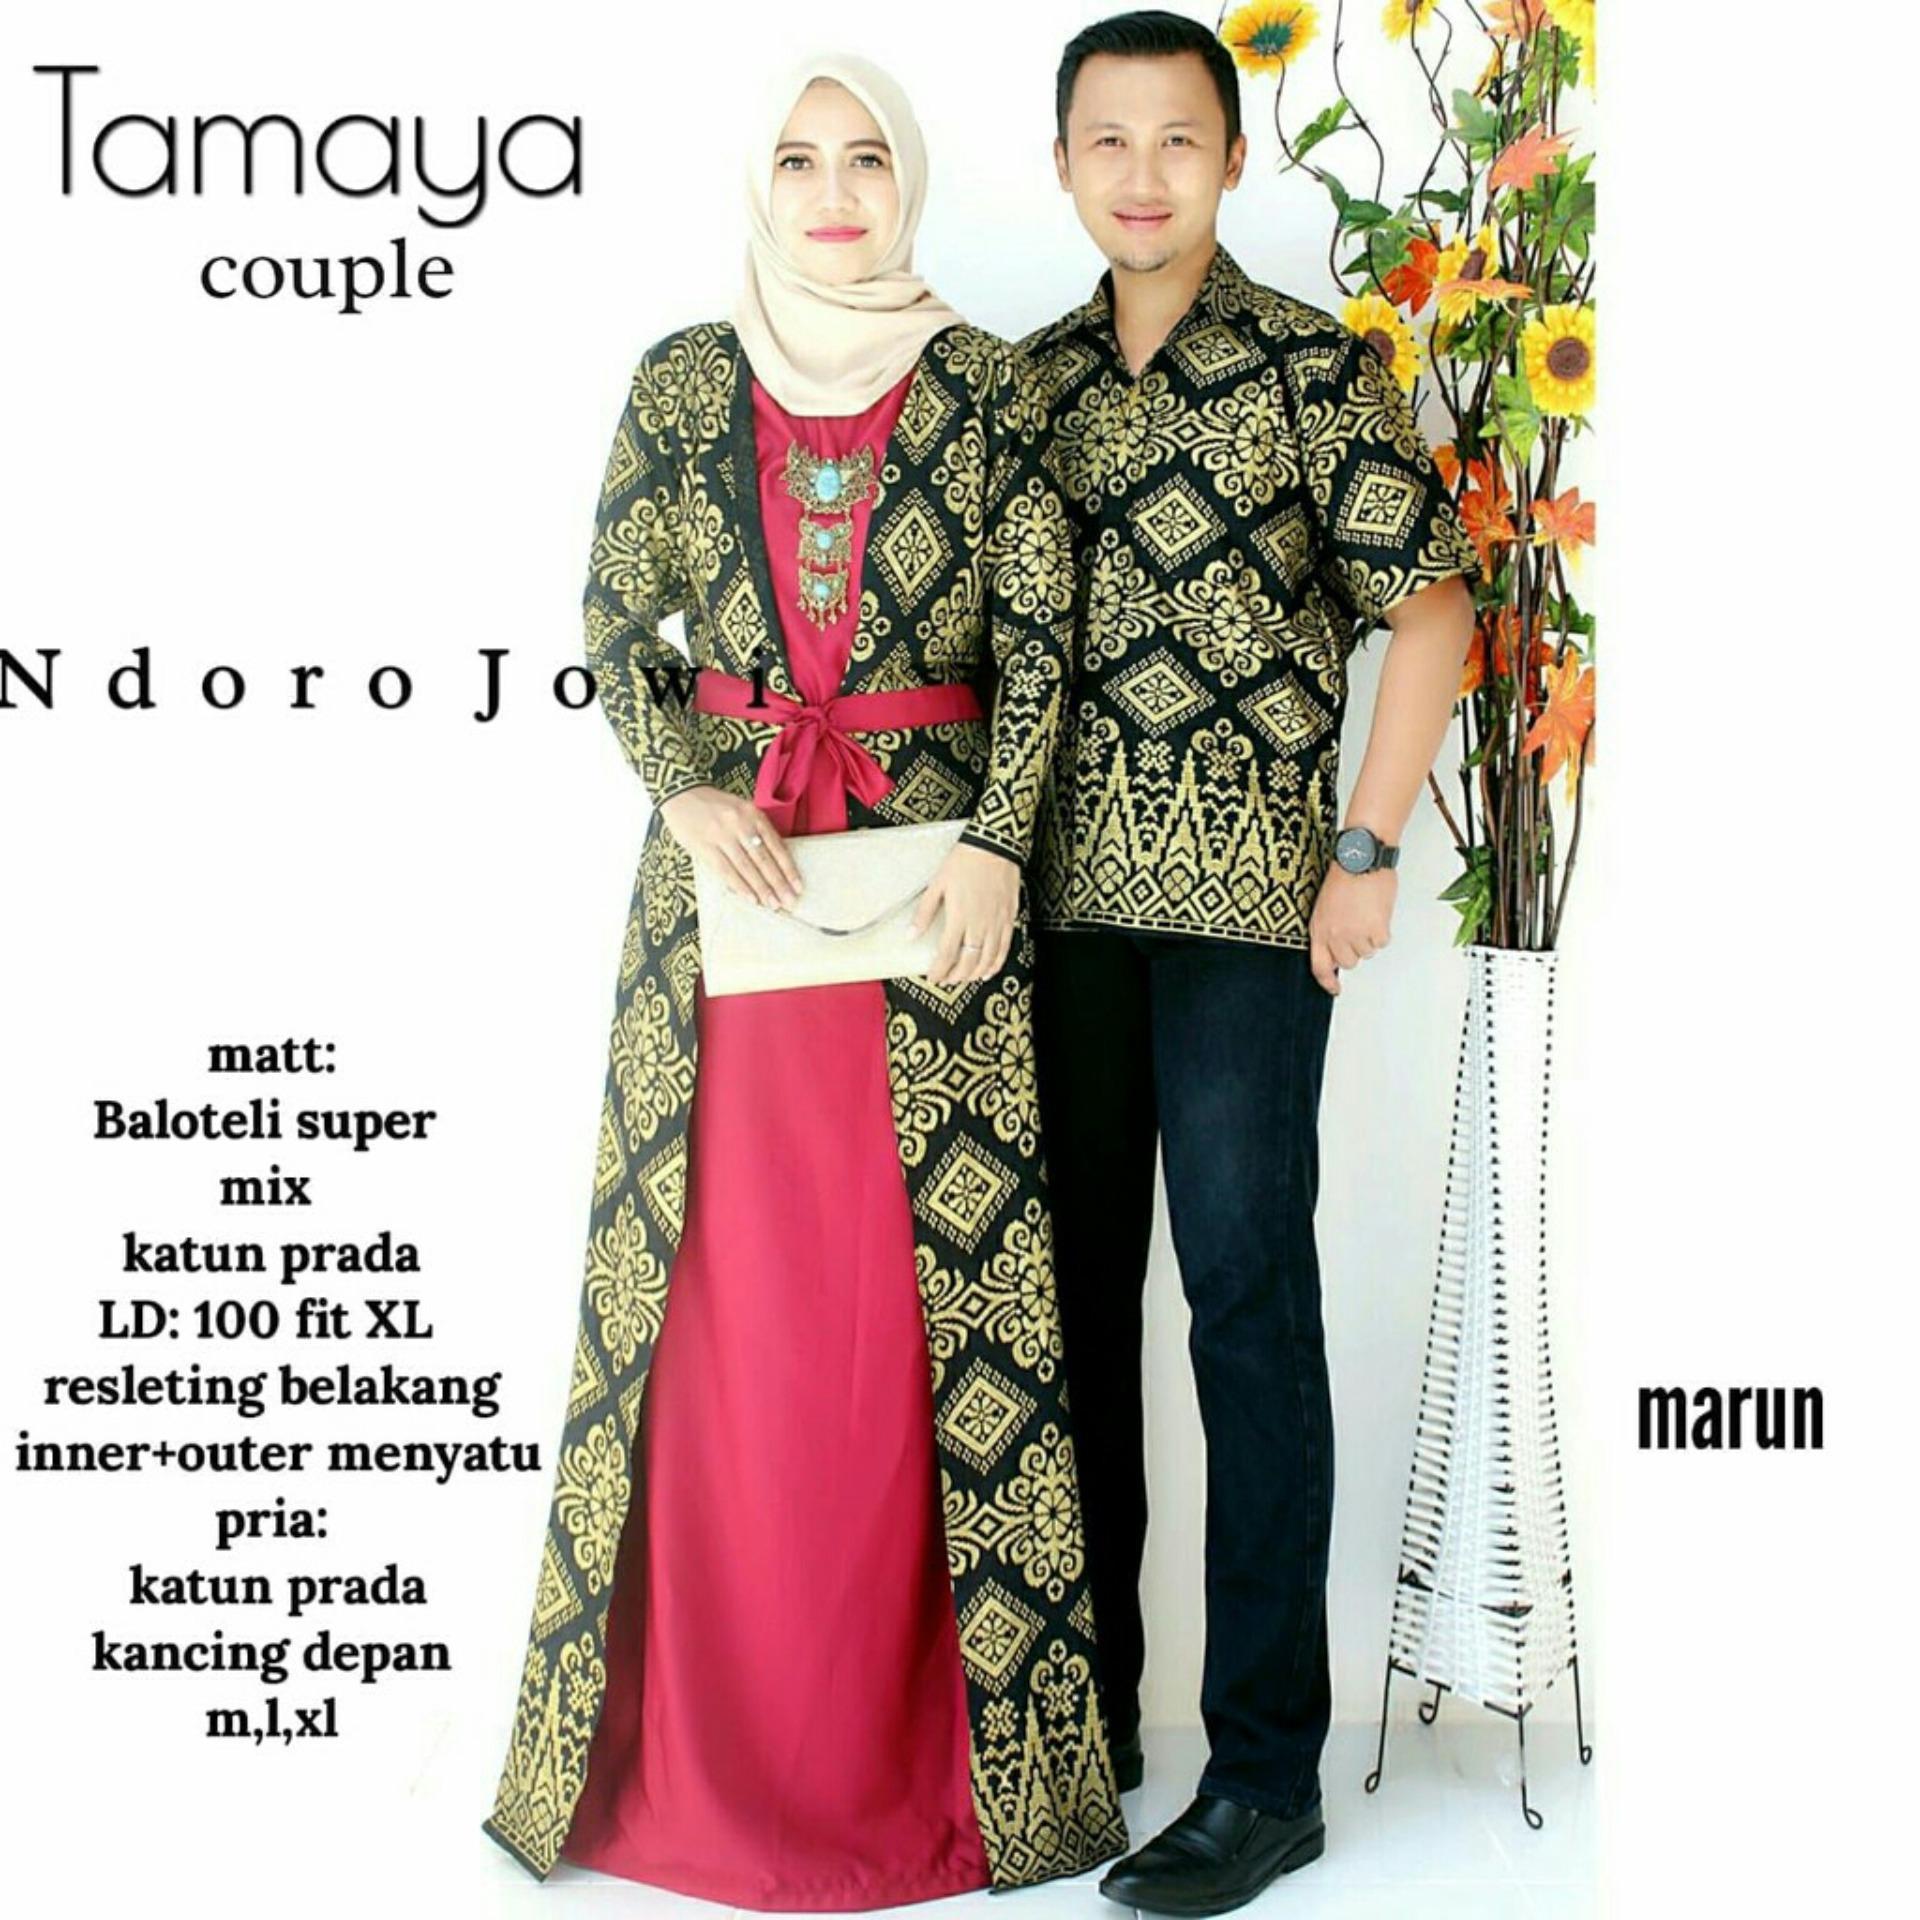 ... Meyzara Baju Batik Couple Batik Sarimbit Batik Modern Batik kondangan Tamaya Couple